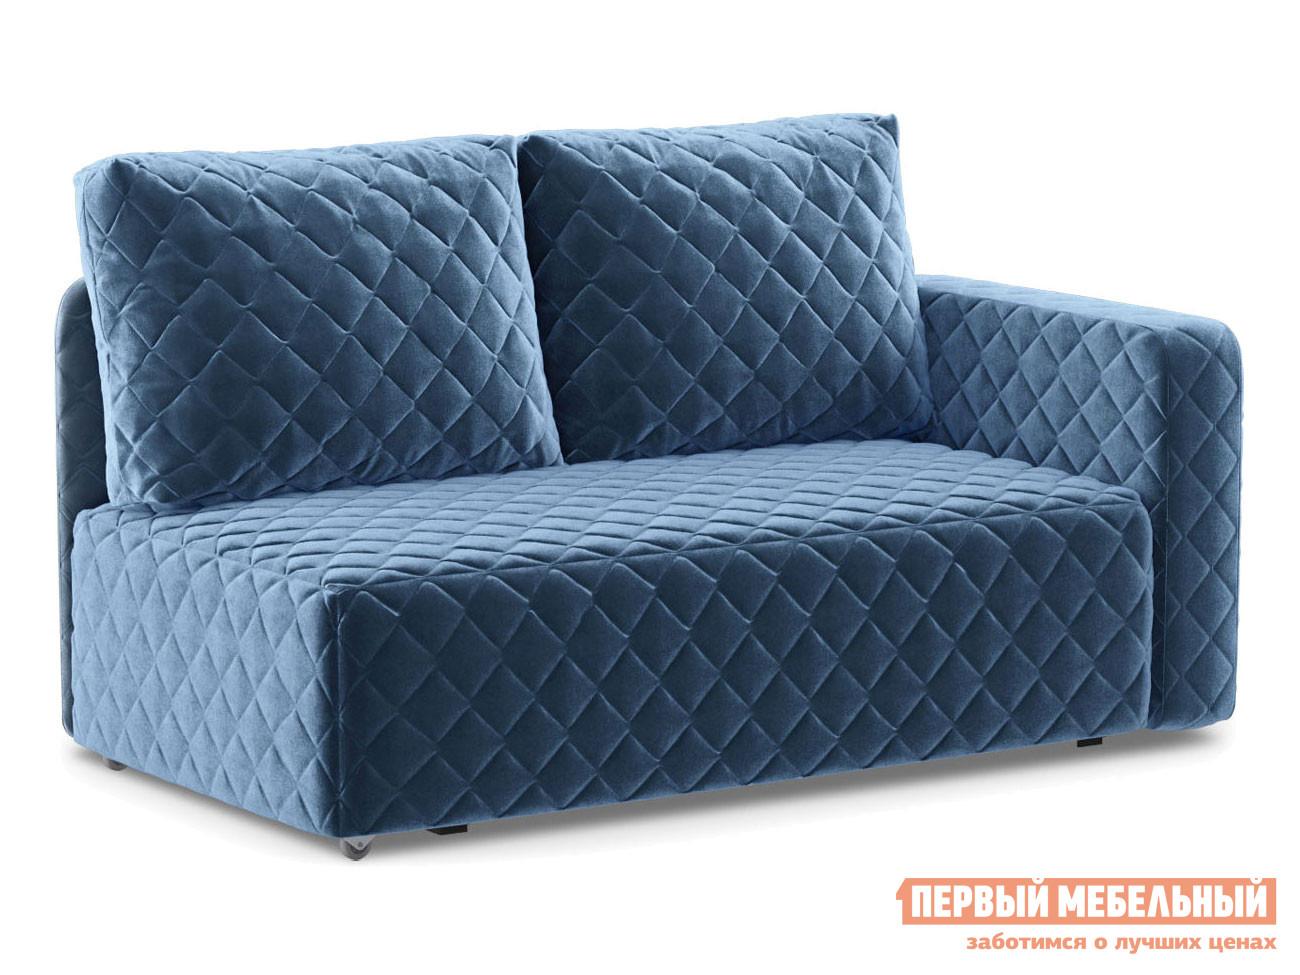 Прямой диван  Мортон Люкс 1 Синий, велюр, Правый Живые диваны 100538